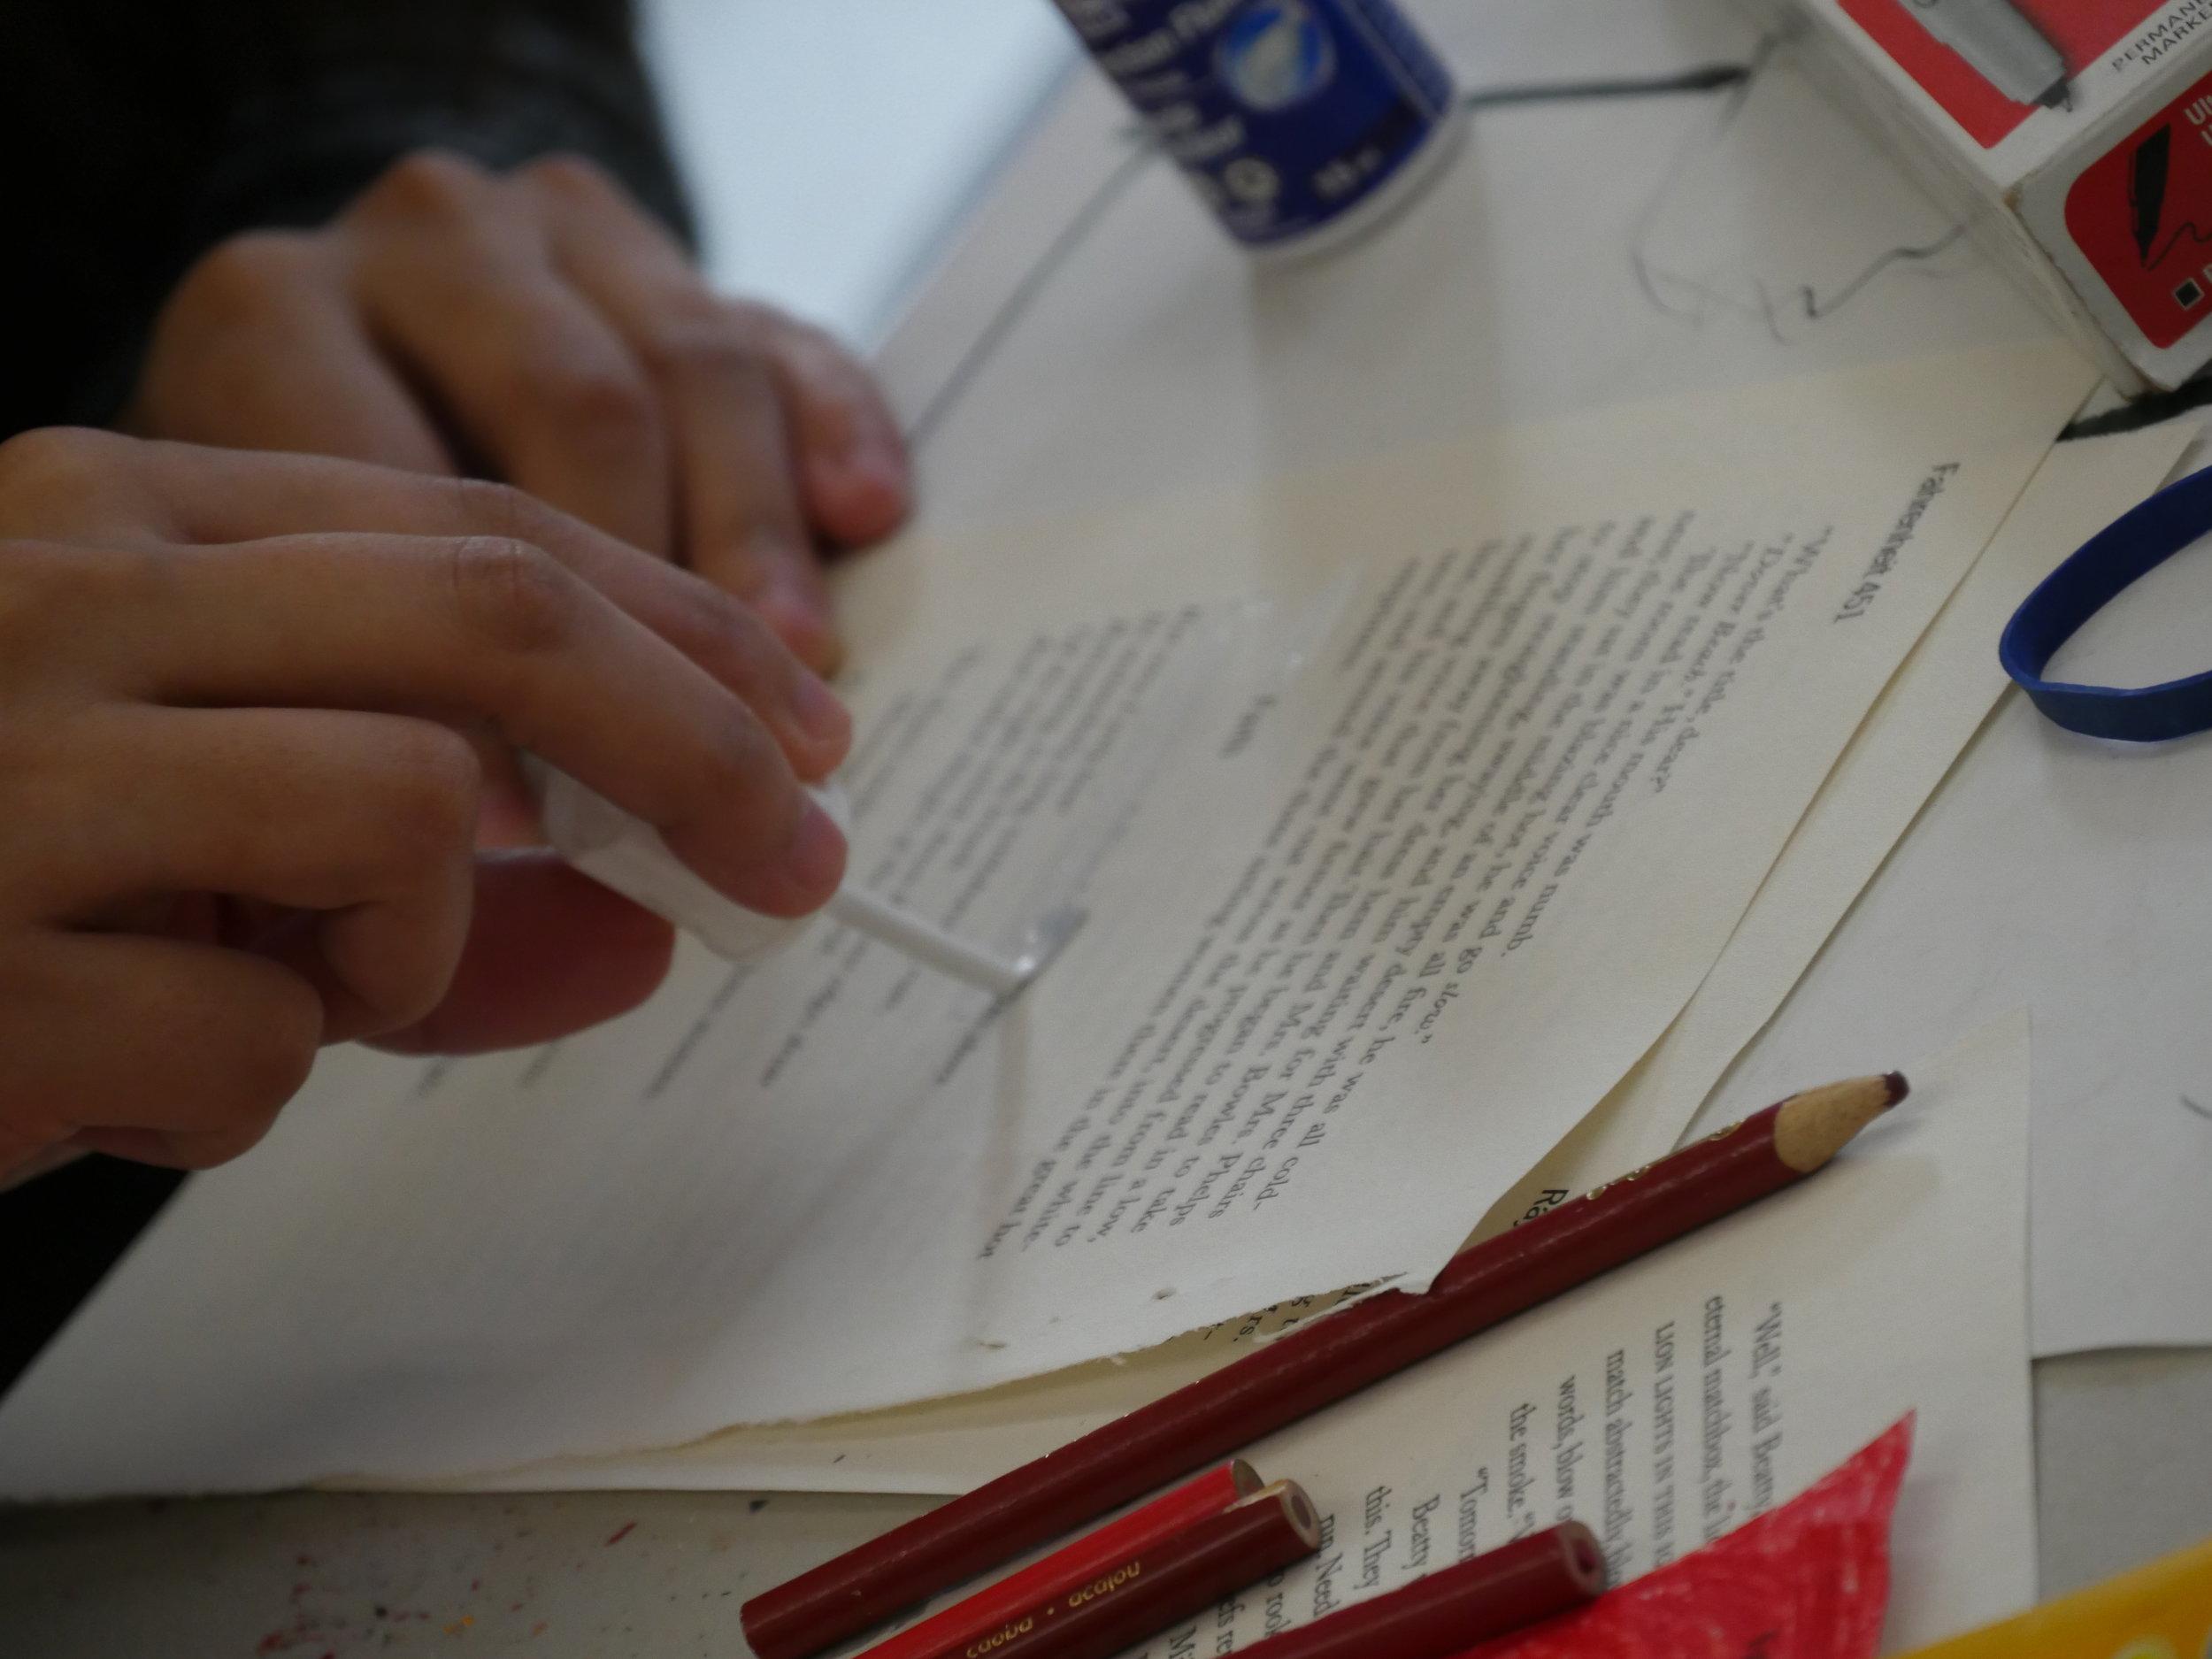 f451-poetry1.JPG